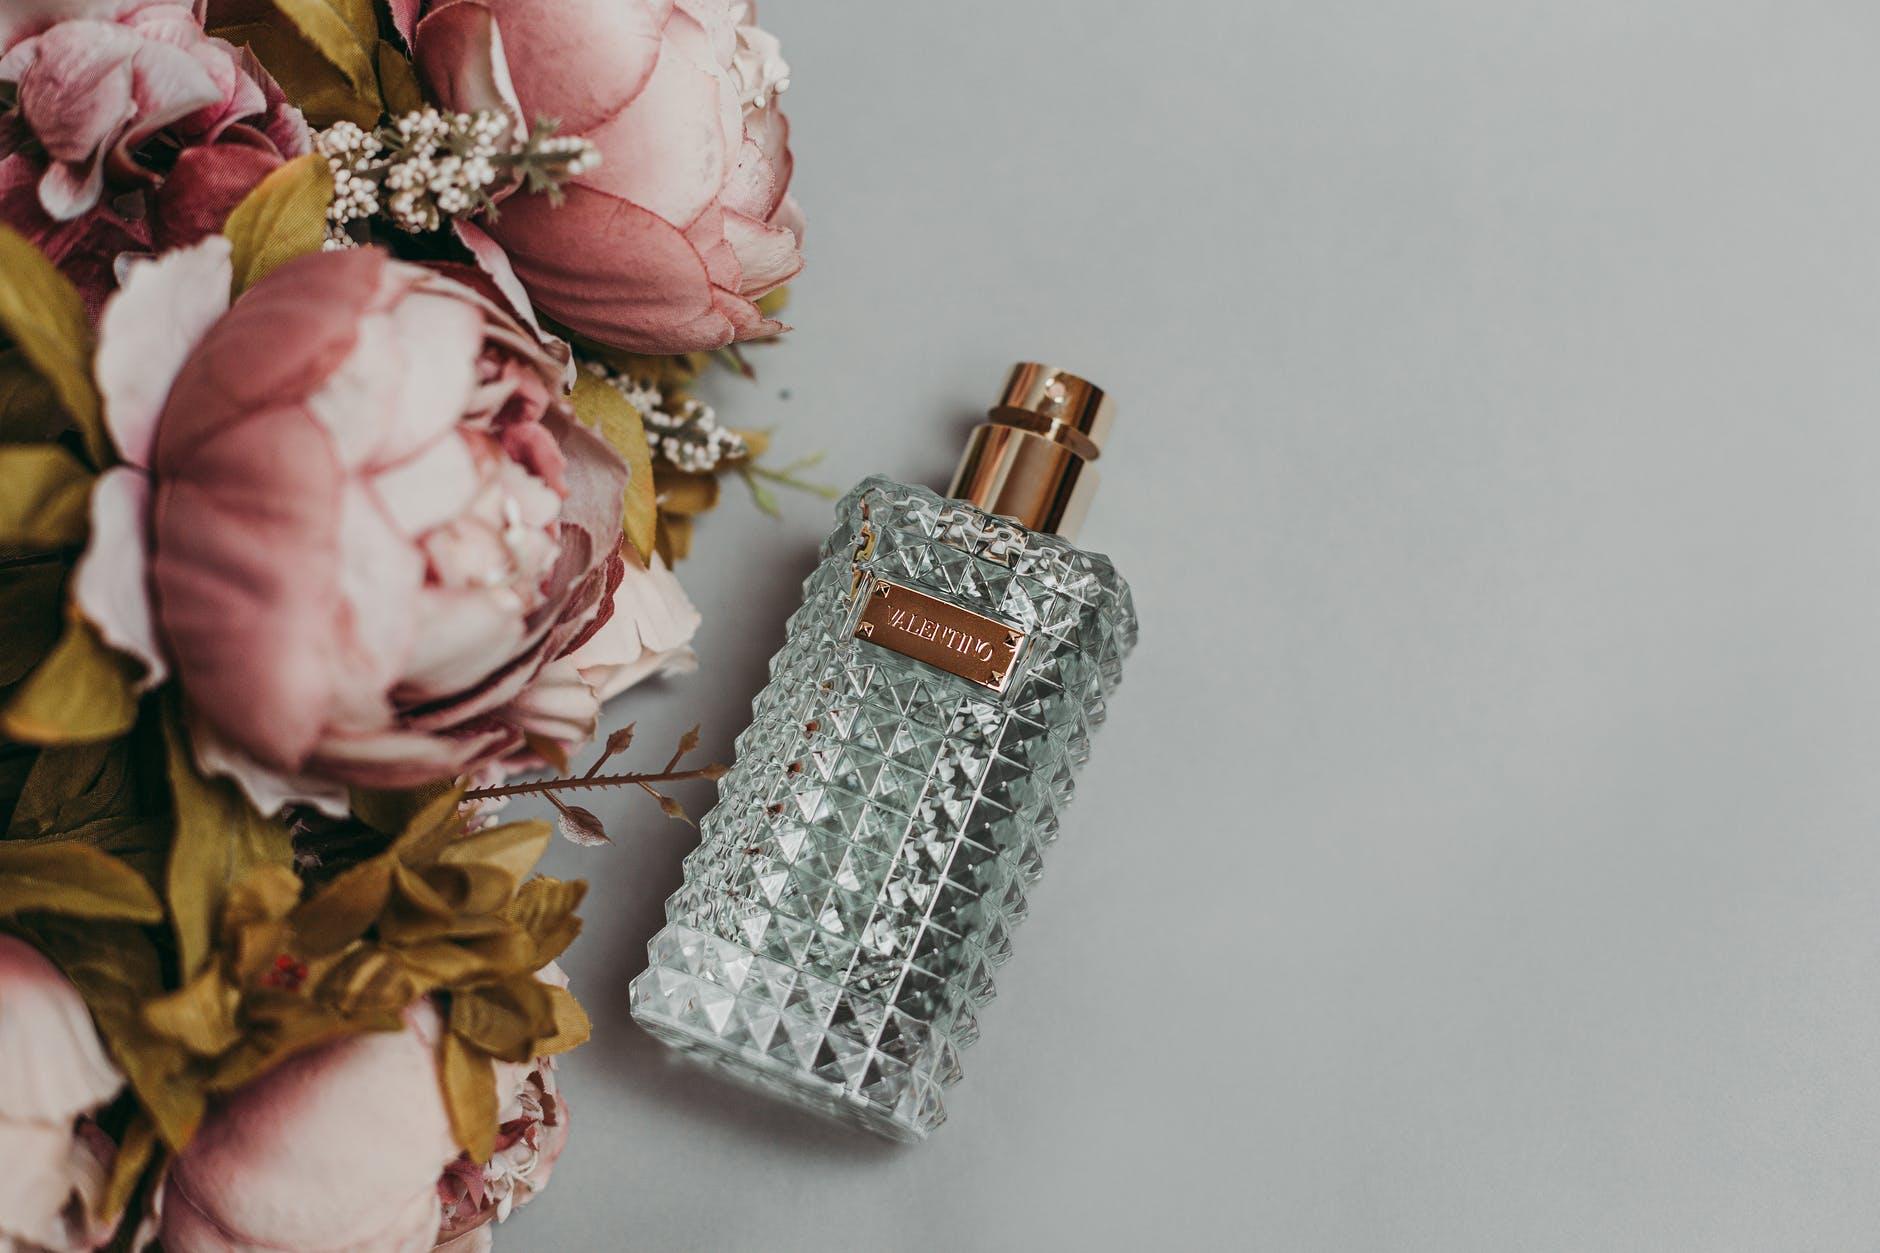 Jak wybierać perfumy na prezent, na co zwracać uwagę? - Zdjęcie główne